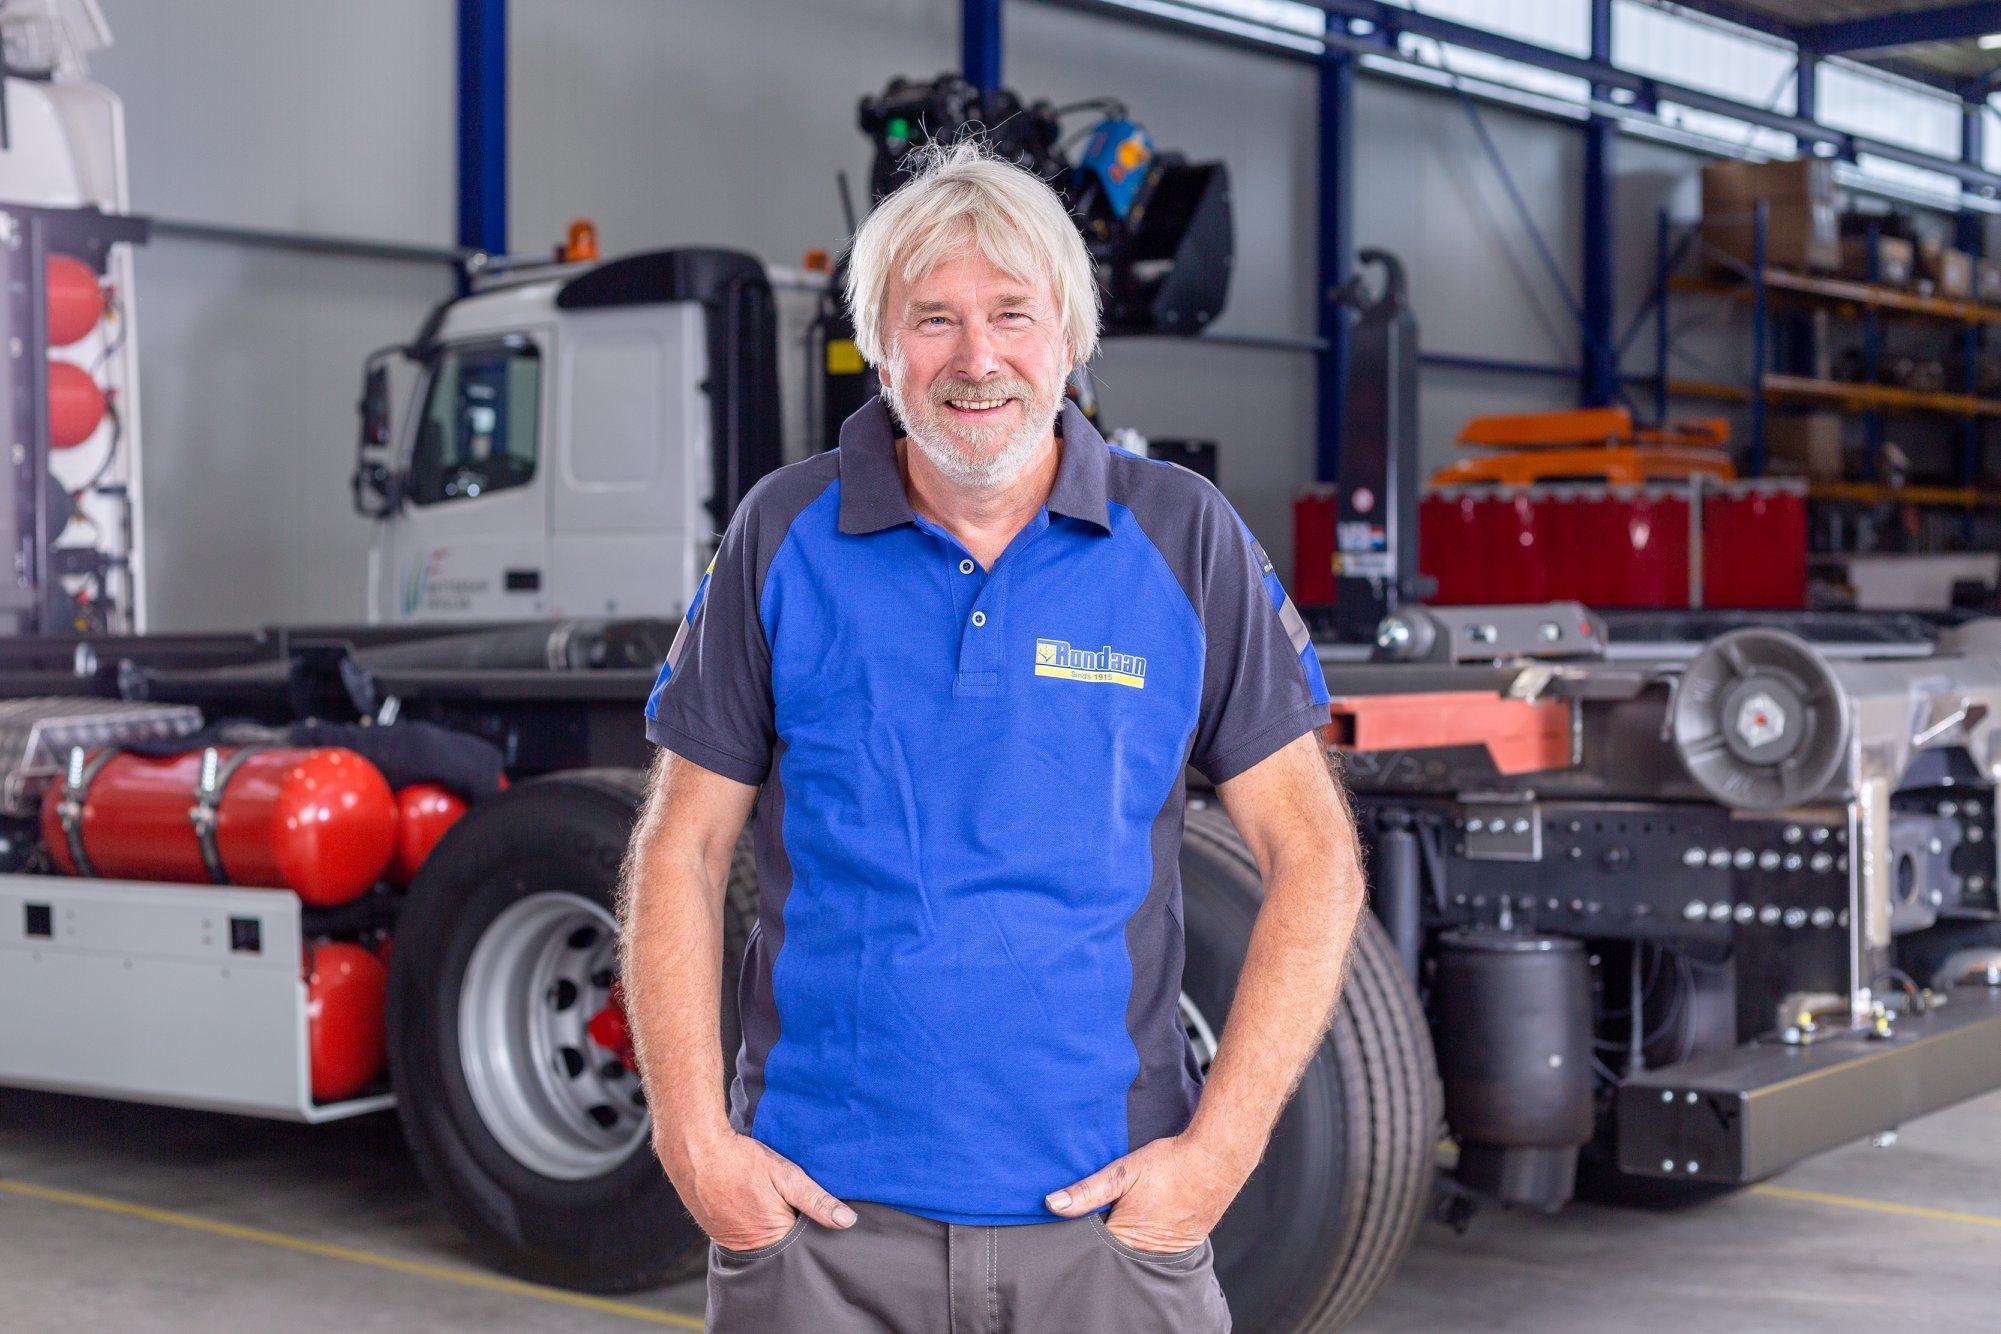 Een-jubileum-bij-Rondaan-Onze-collega-Gerrit-Beuckens-is-deze-maand-40-jaar-bij-de-zaak--een-prachtig-mijlpaal.-Hij-is-eerste-constructeur-en-specialist-in-de-chassisbouw-bij-Rondaan.